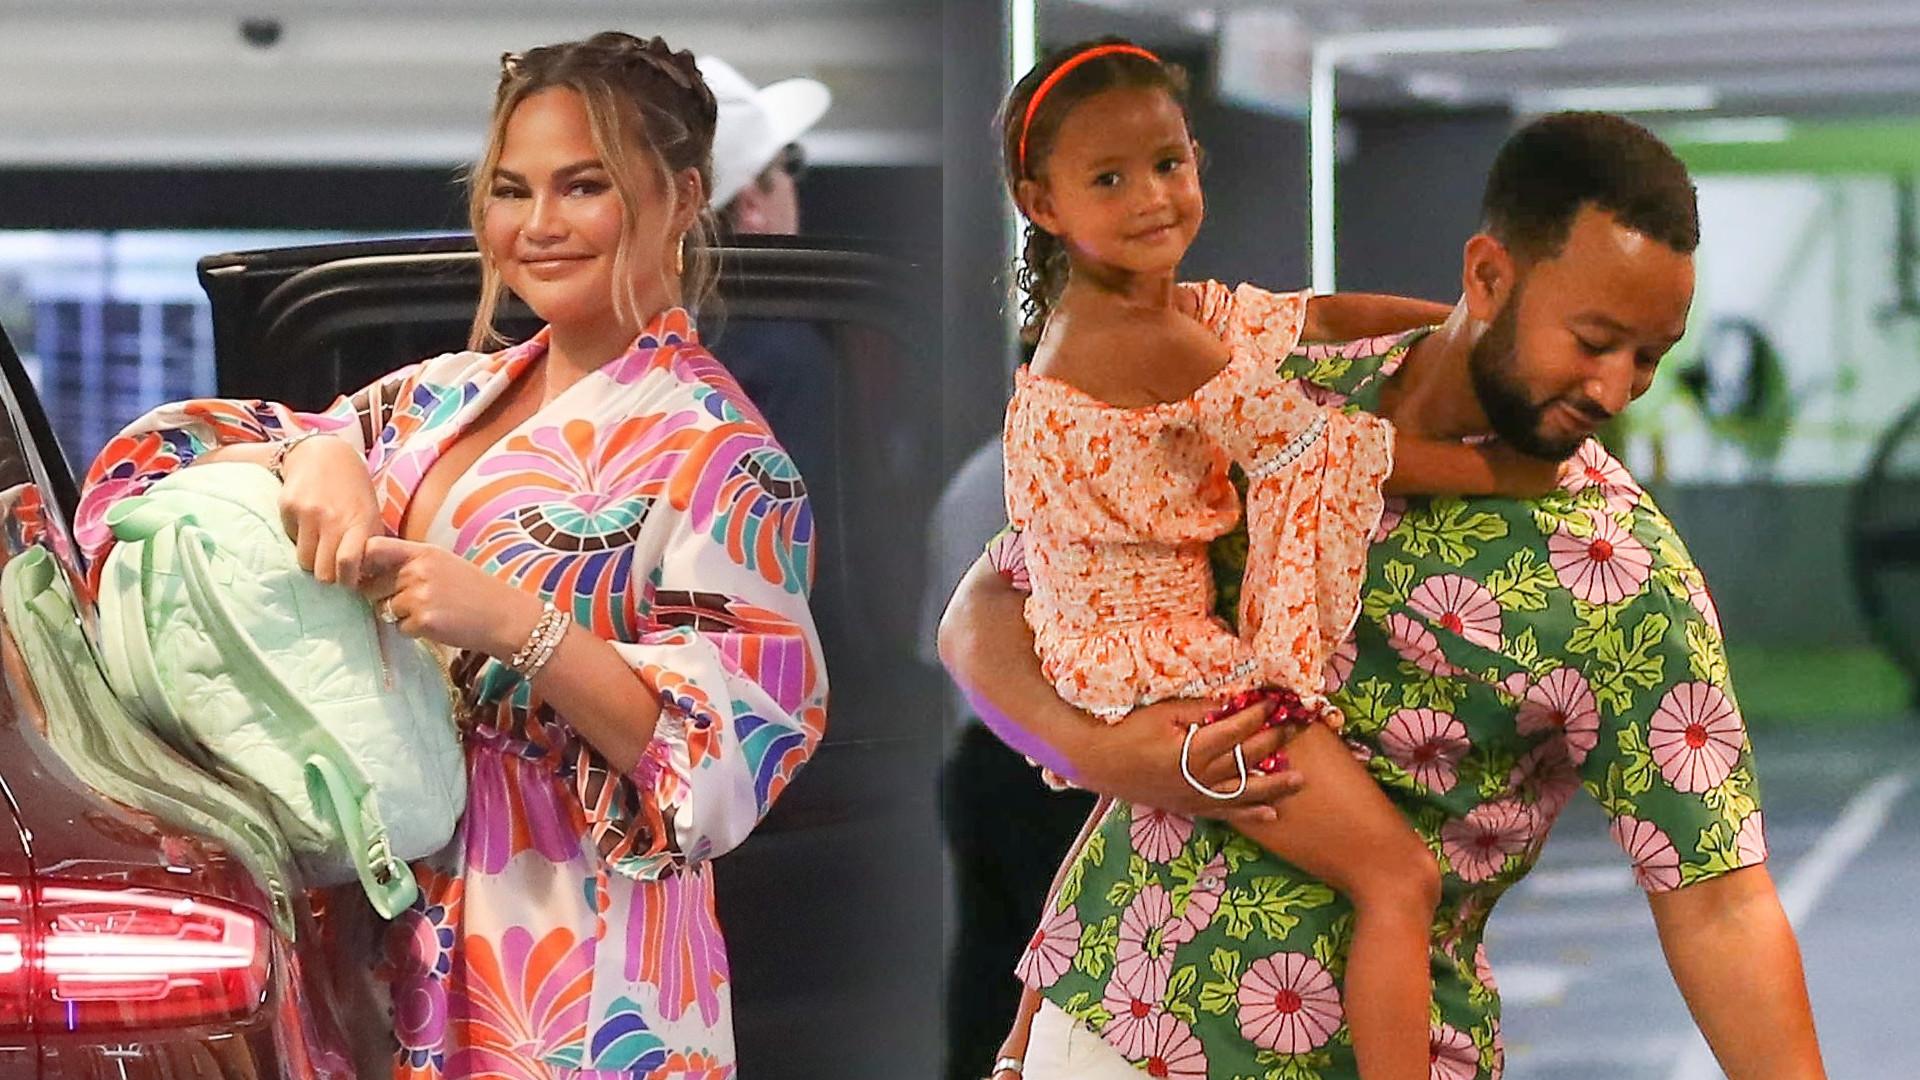 Chrissy Teigen i John Legend na zakupach z dziećmi. Kiedy one tak urosły? (ZDJĘCIA)